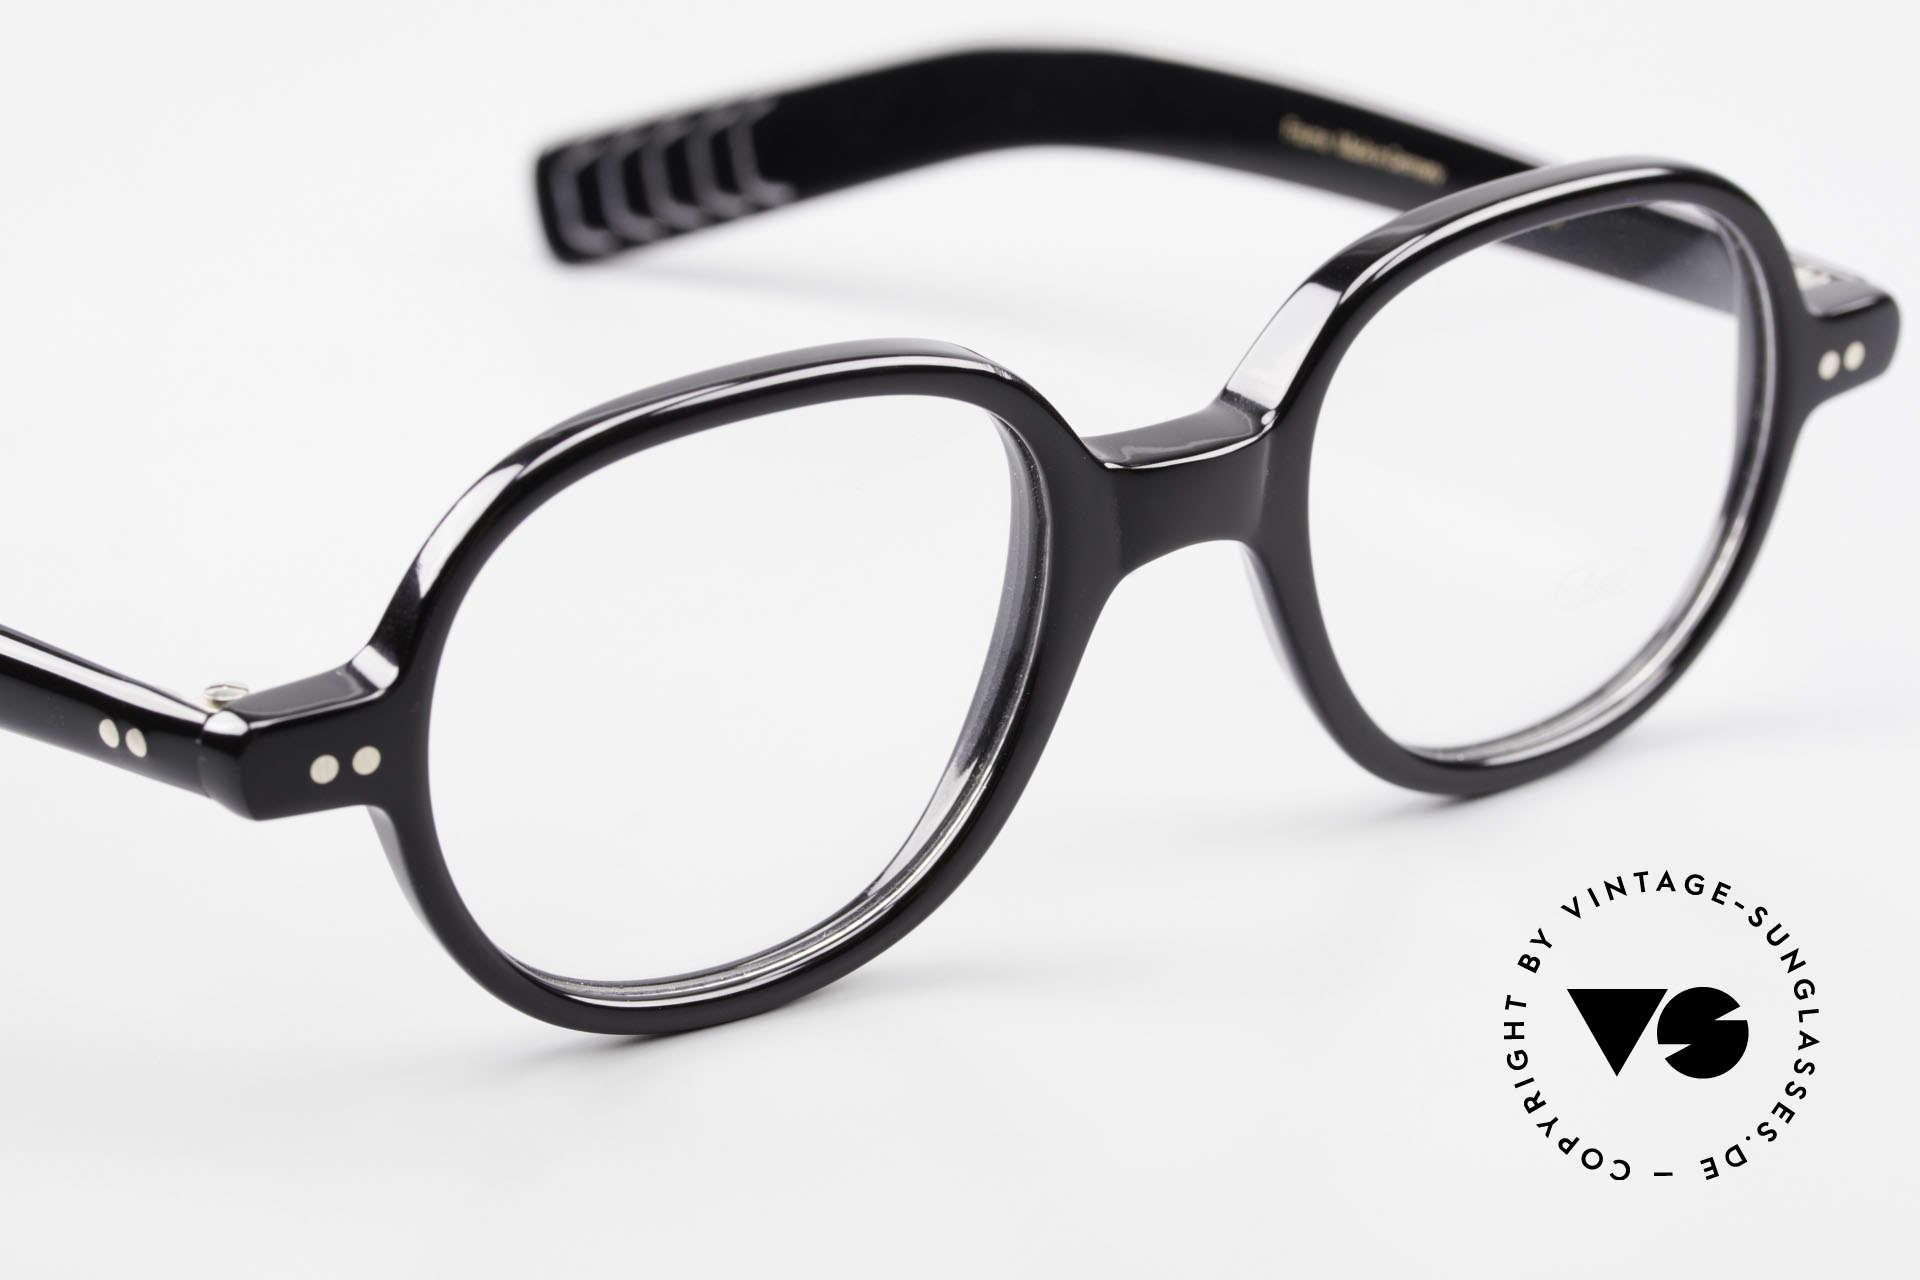 Lunor A50 Runde Lunor Acetatbrille Panto, ungetragen (wie alle unsere schönen LUNOR Brillen), Passend für Herren und Damen